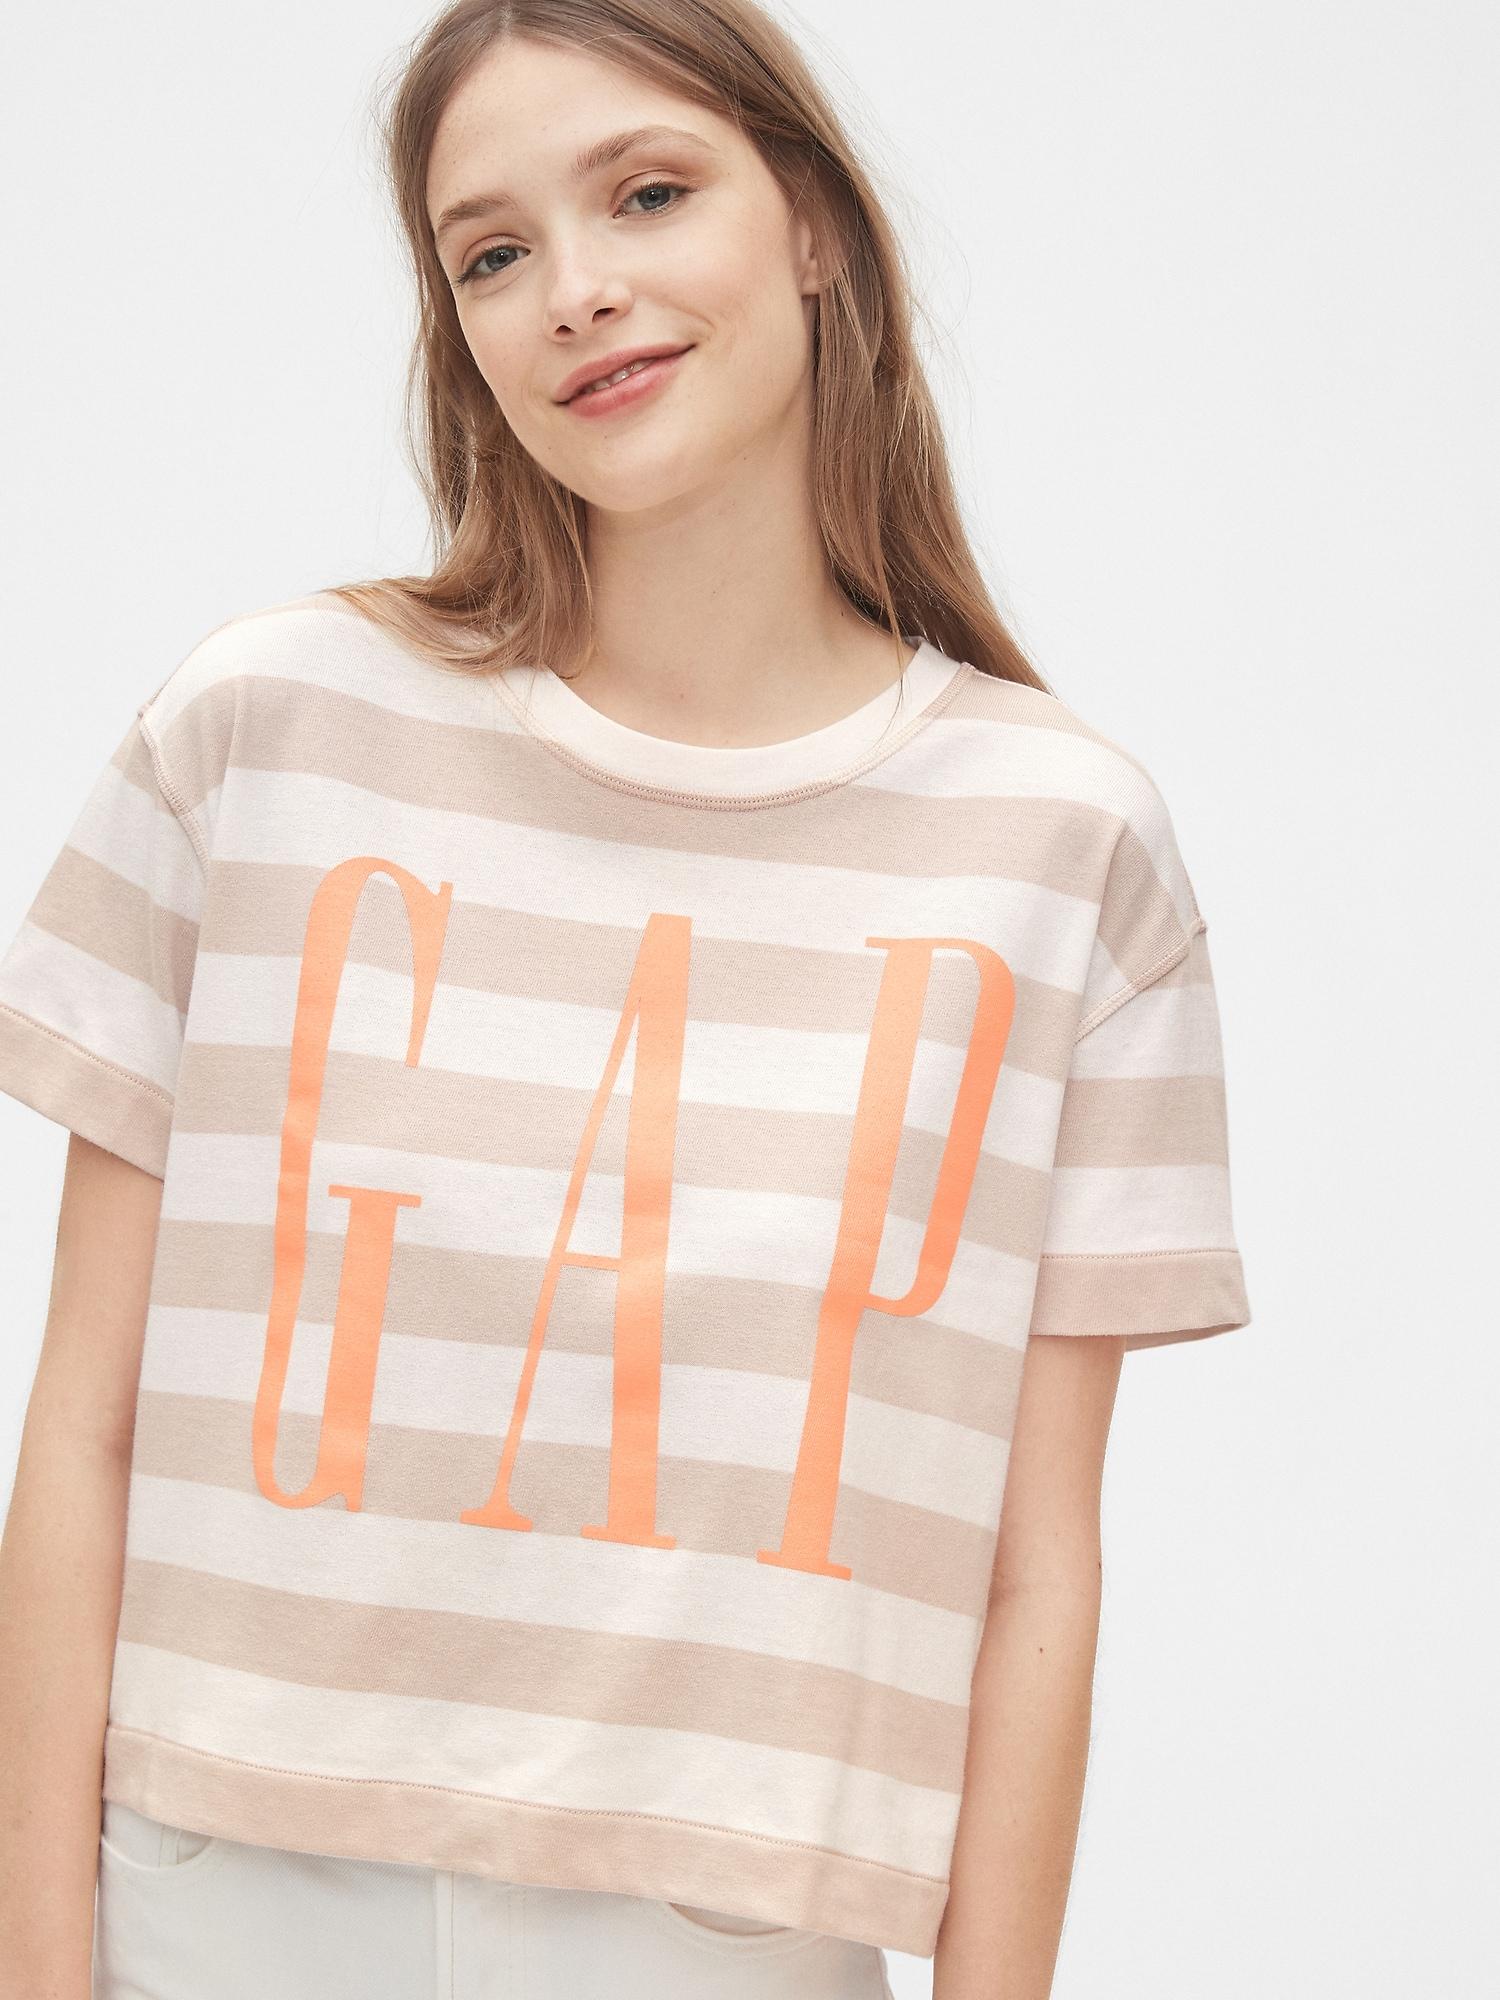 Gapロゴボクシーtシャツ